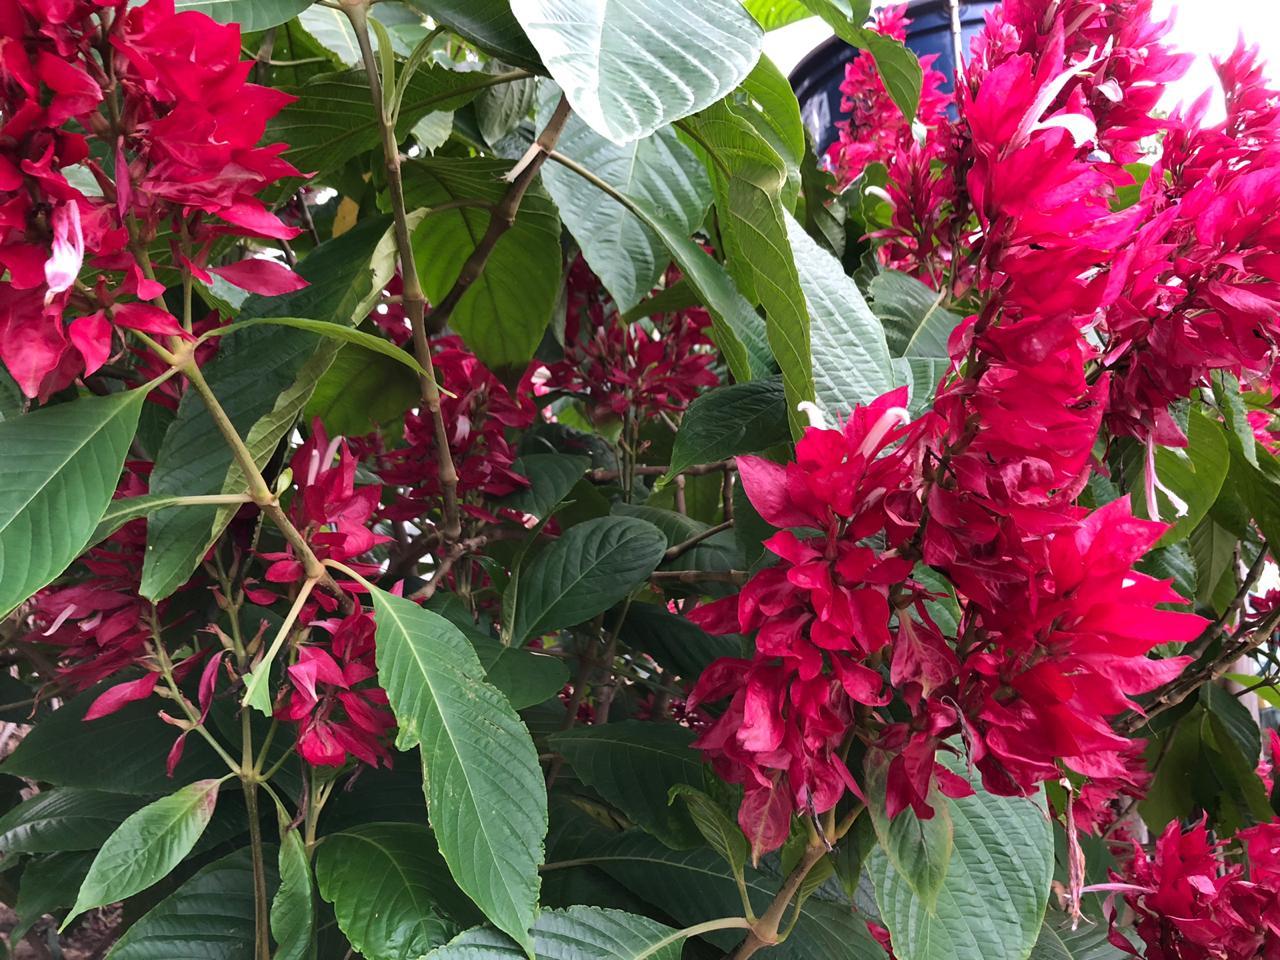 flores vermelhas 09